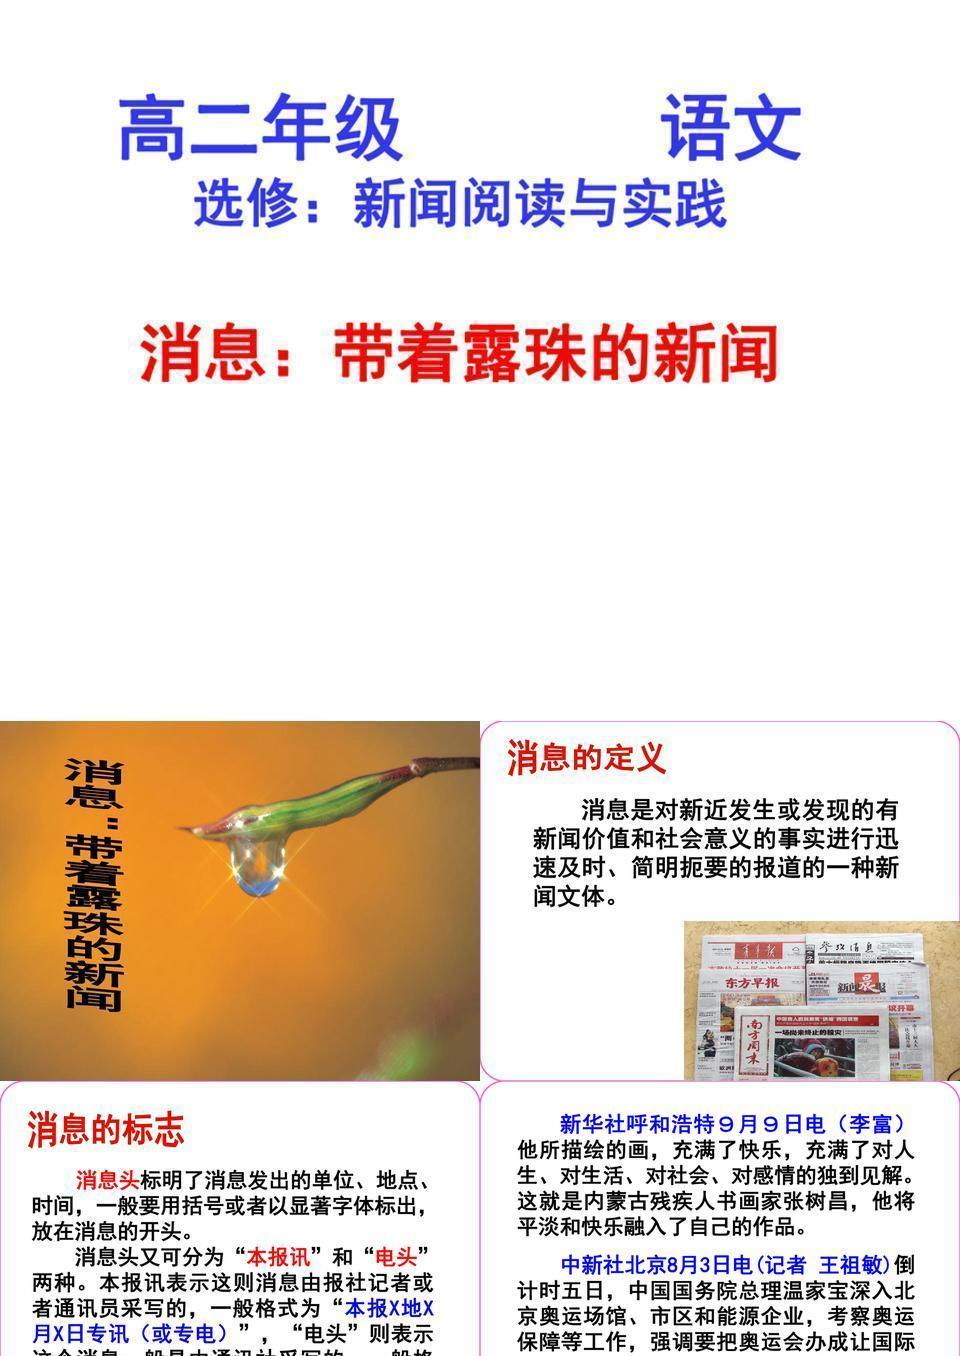 消息:带着露珠的新闻 (1).ppt